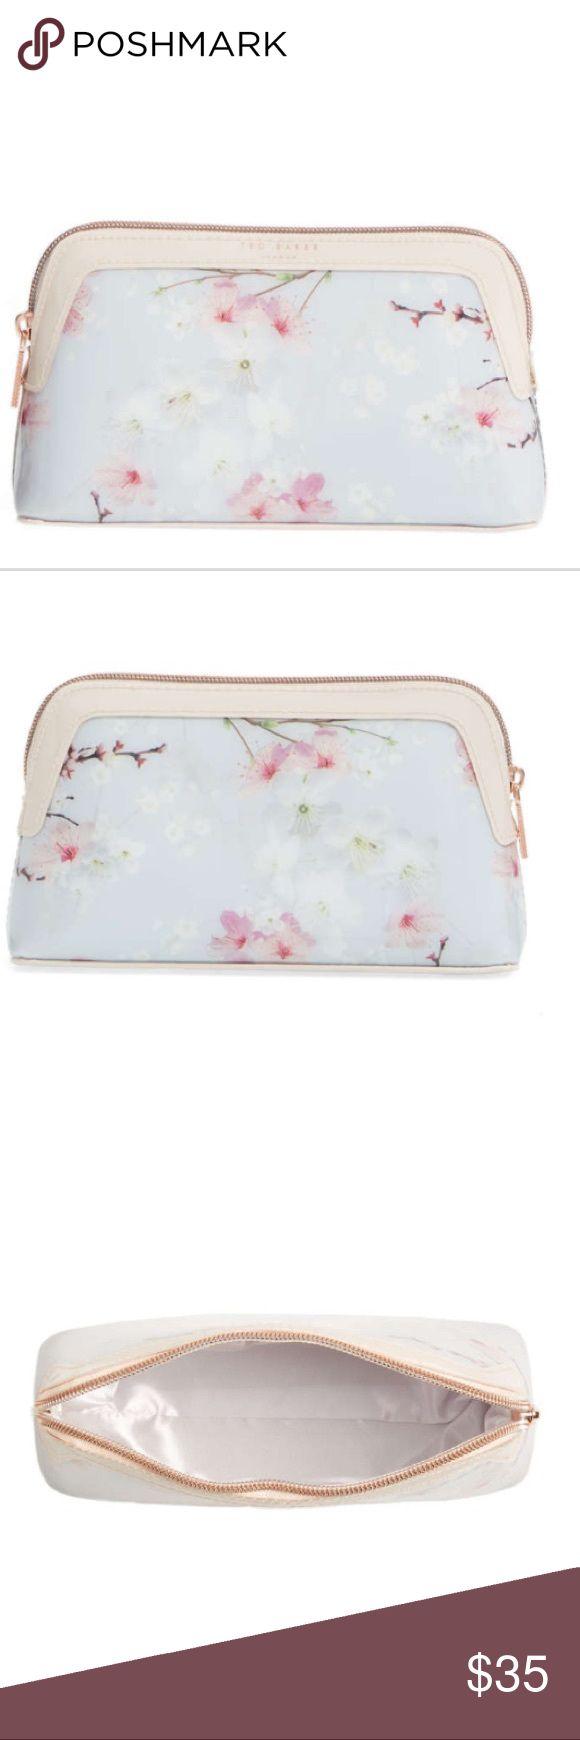 Ted Baker Cherrie Blossom Cosmetic Case Brand new Ted Baker London Bags Cosmetic Bags & Cases